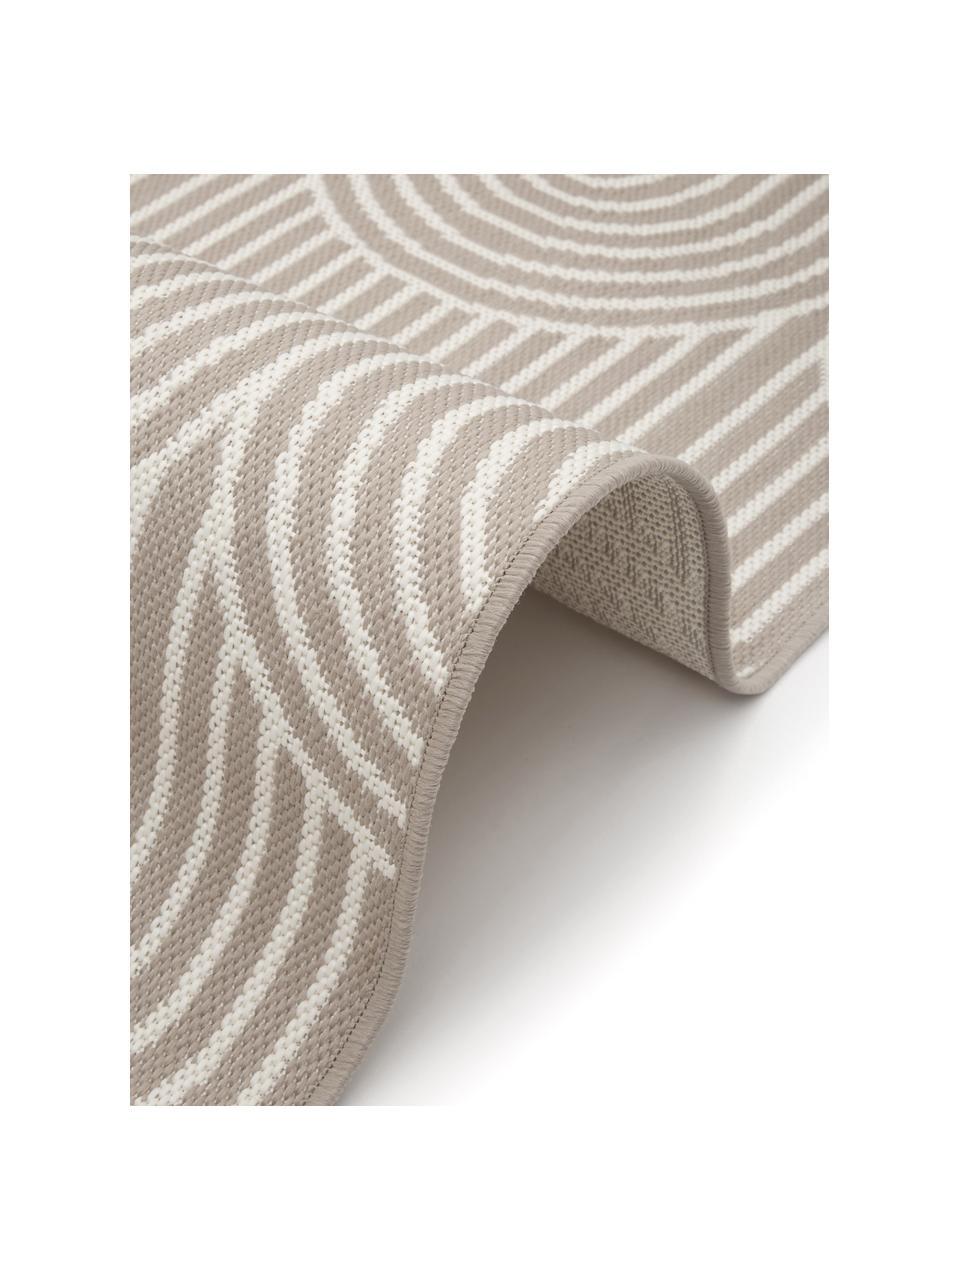 In- & Outdoorläufer Arches in Beige/Cremeweiß, 86% Polypropylen, 14% Polyester, Beige, Weiß, 80 x 250 cm